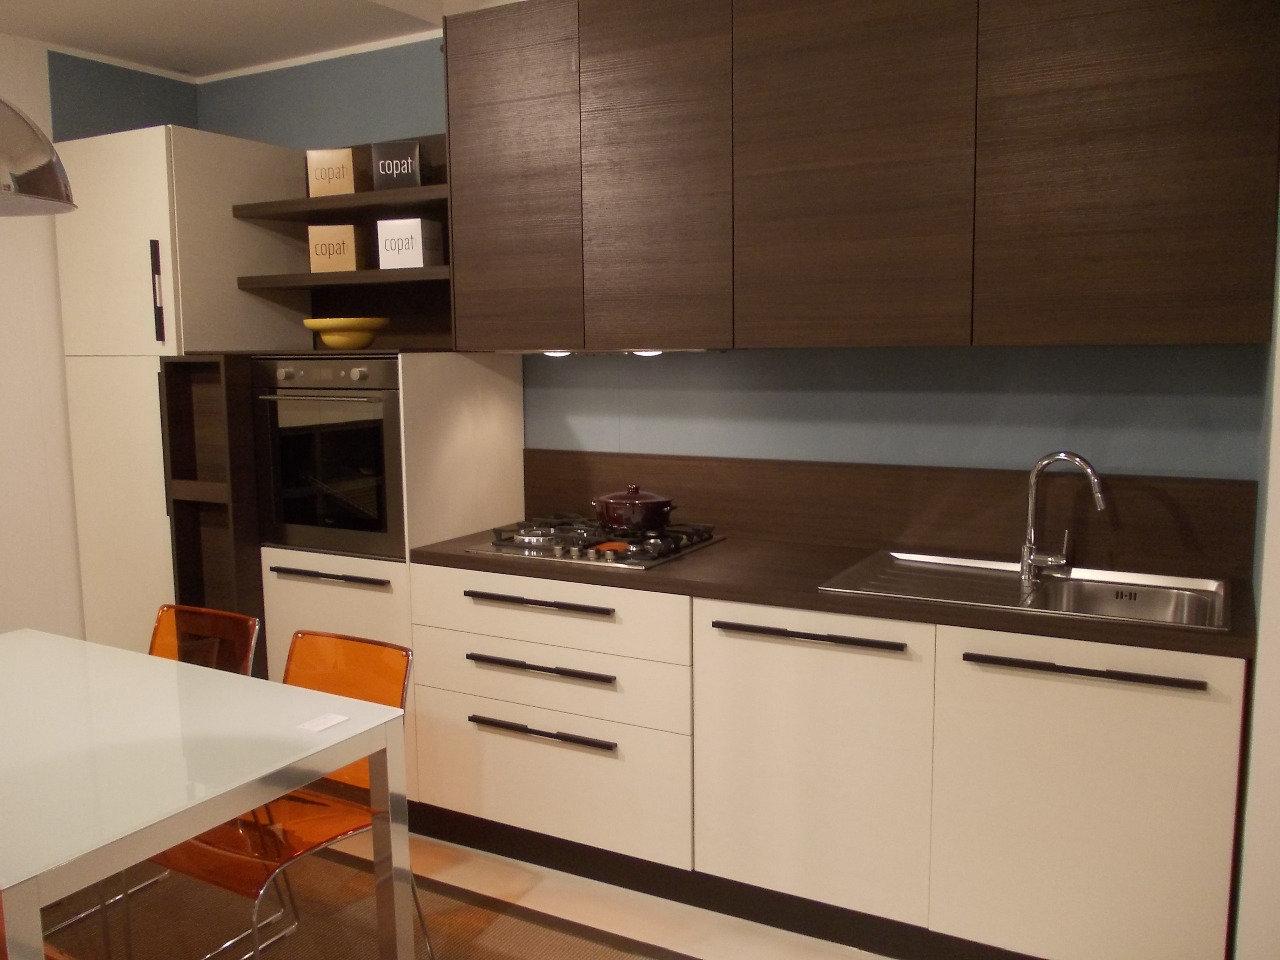 Cucina samoa di copat in laminato effetto legno completa - Laminato in cucina ...